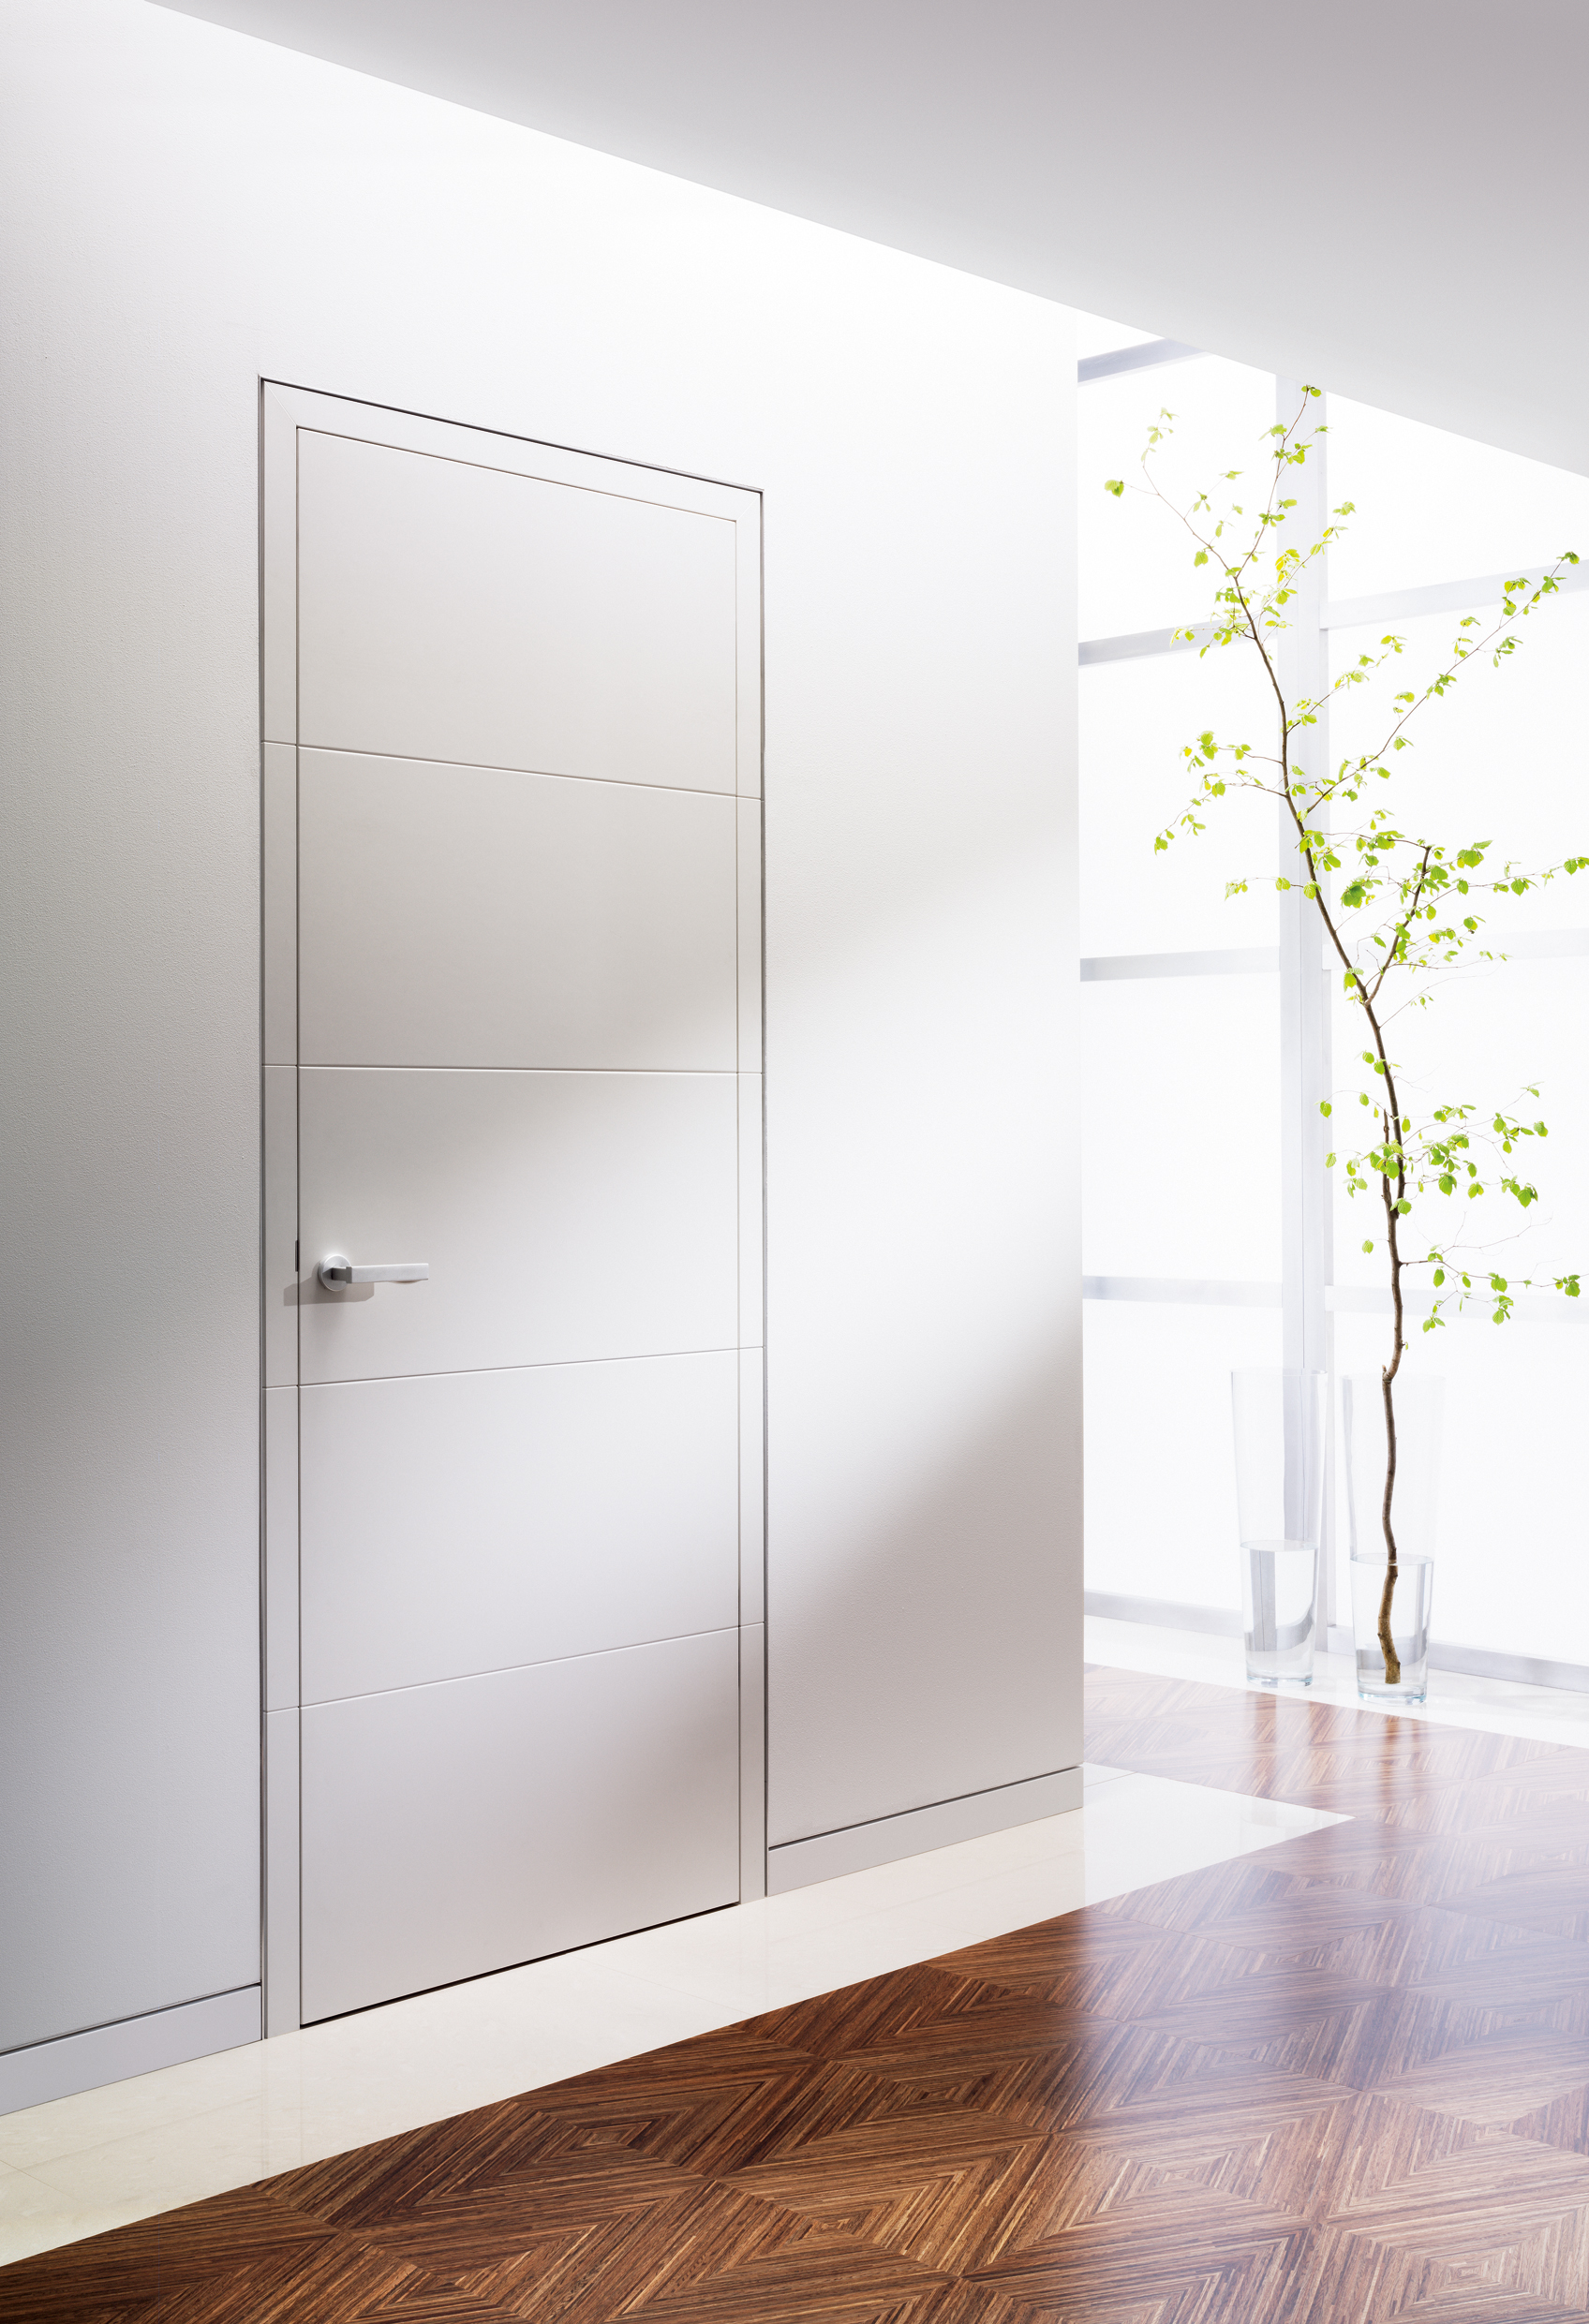 schnell und berzeugend kleiner eingriff gro e wirkung. Black Bedroom Furniture Sets. Home Design Ideas